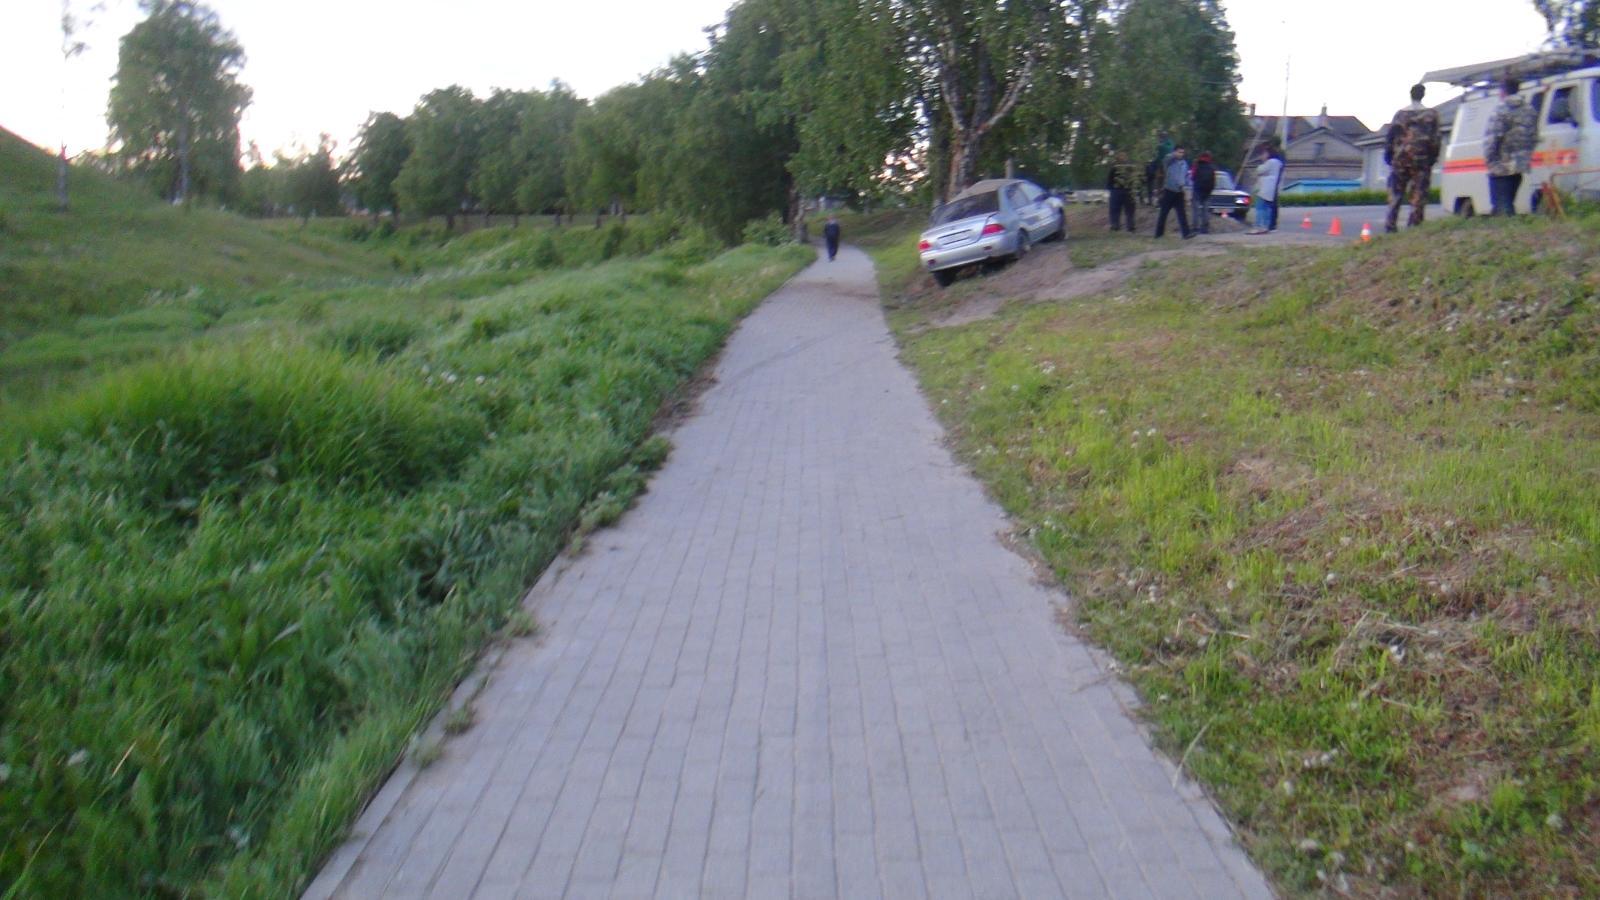 В Белозерске пьяный водитель врезался в дерево: трое пострадавших